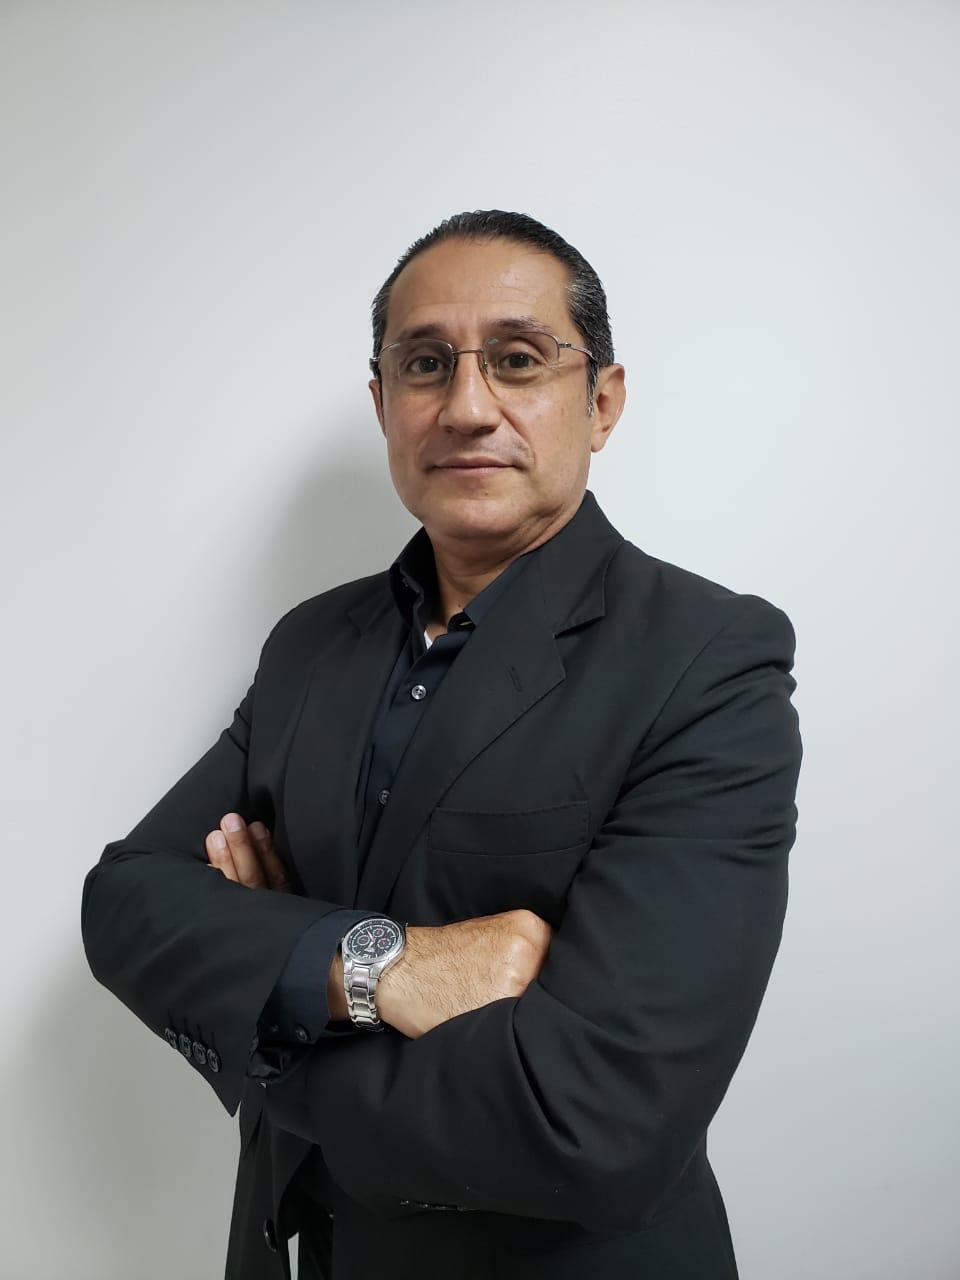 Juan Carlos Alzate